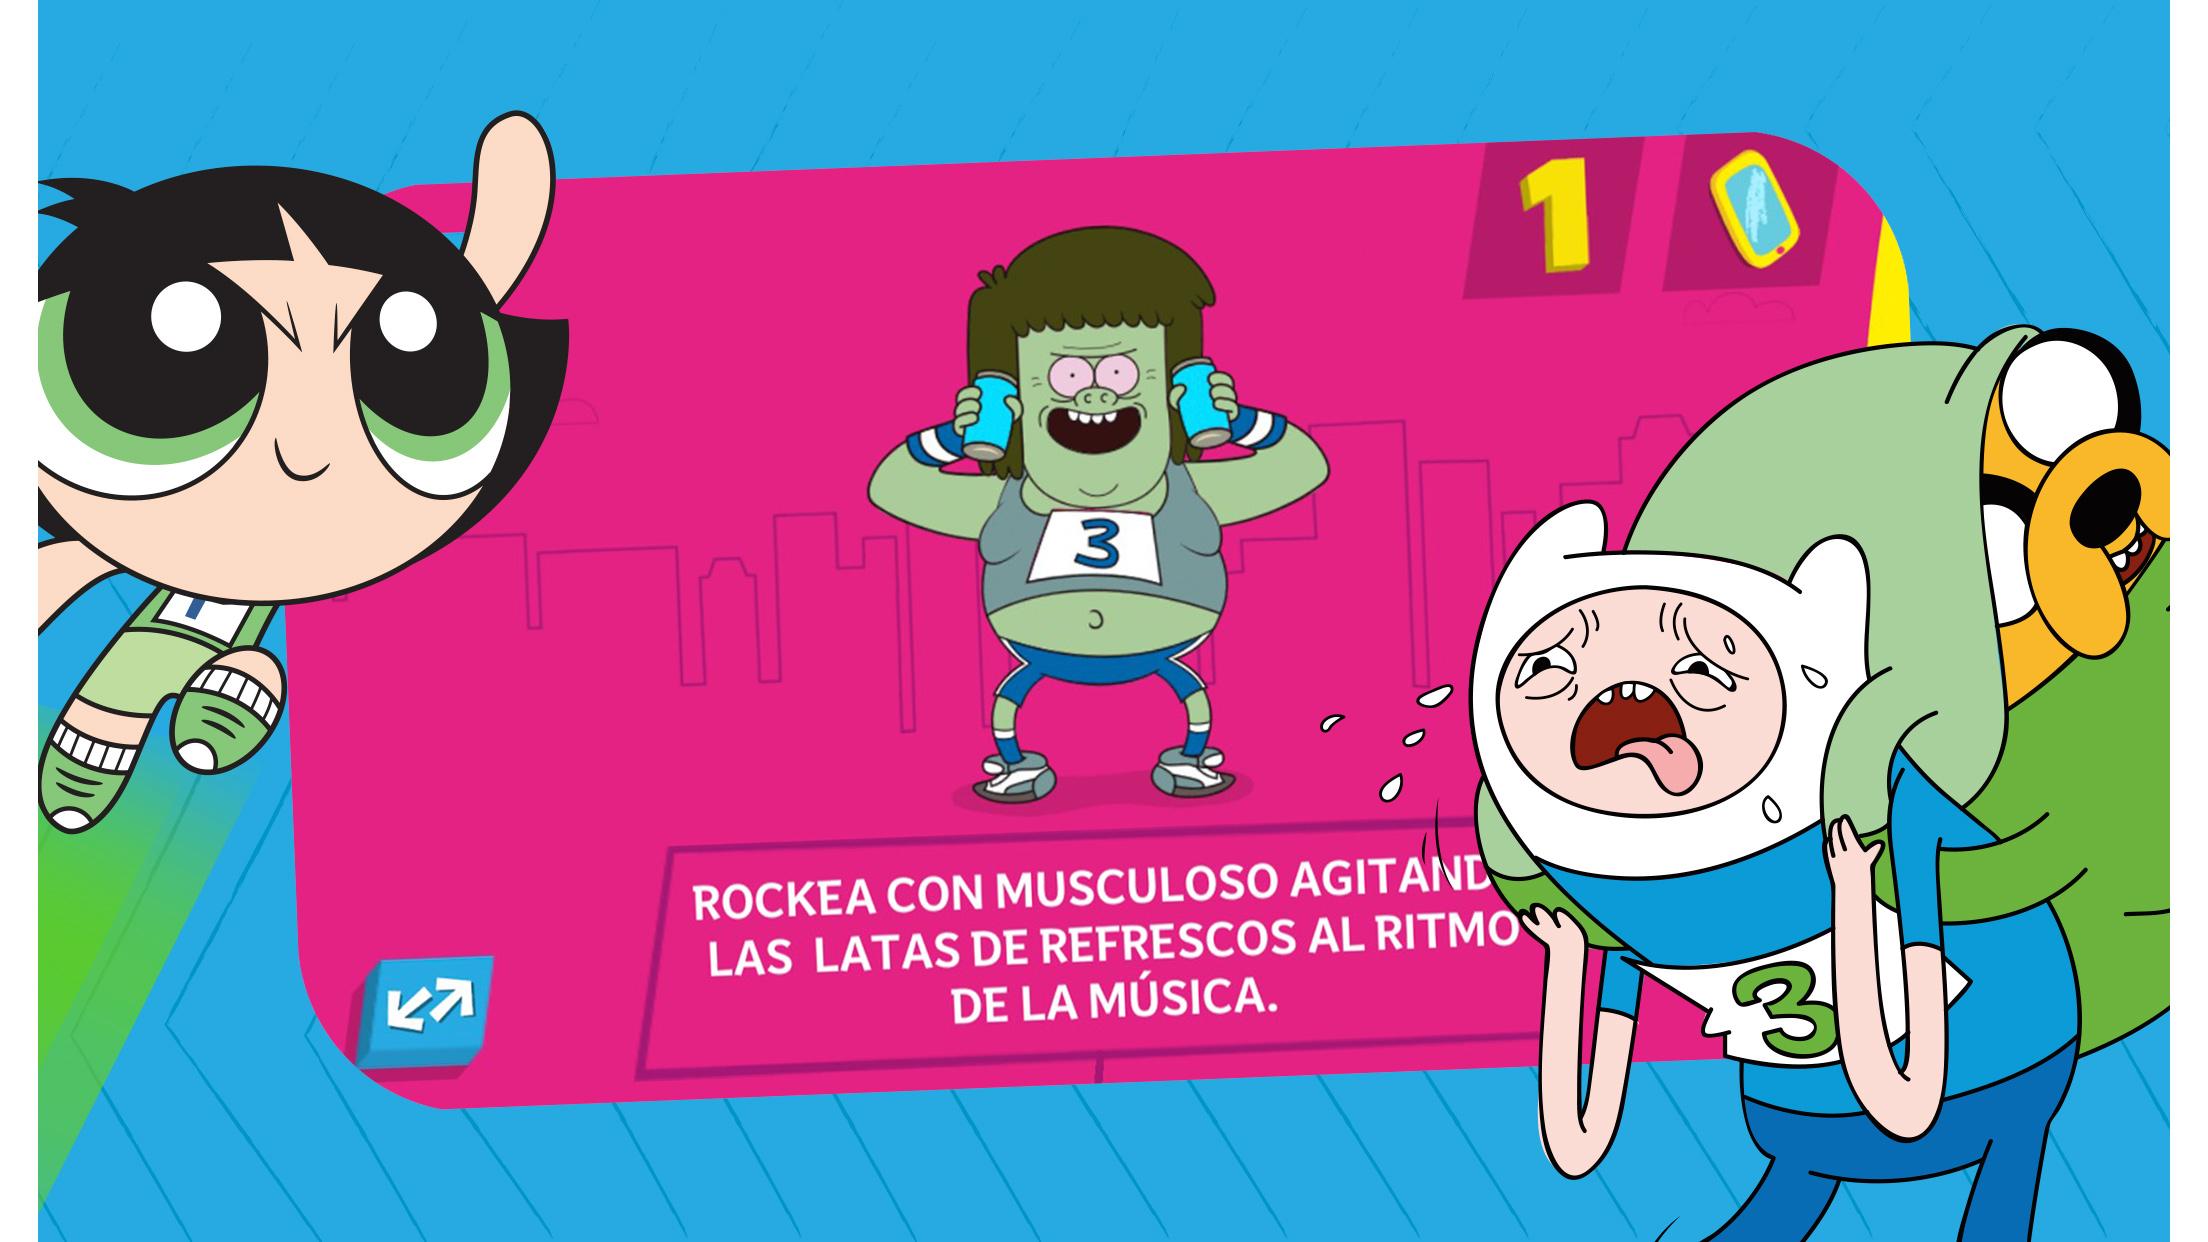 Carrera Cartoon Bwstudios